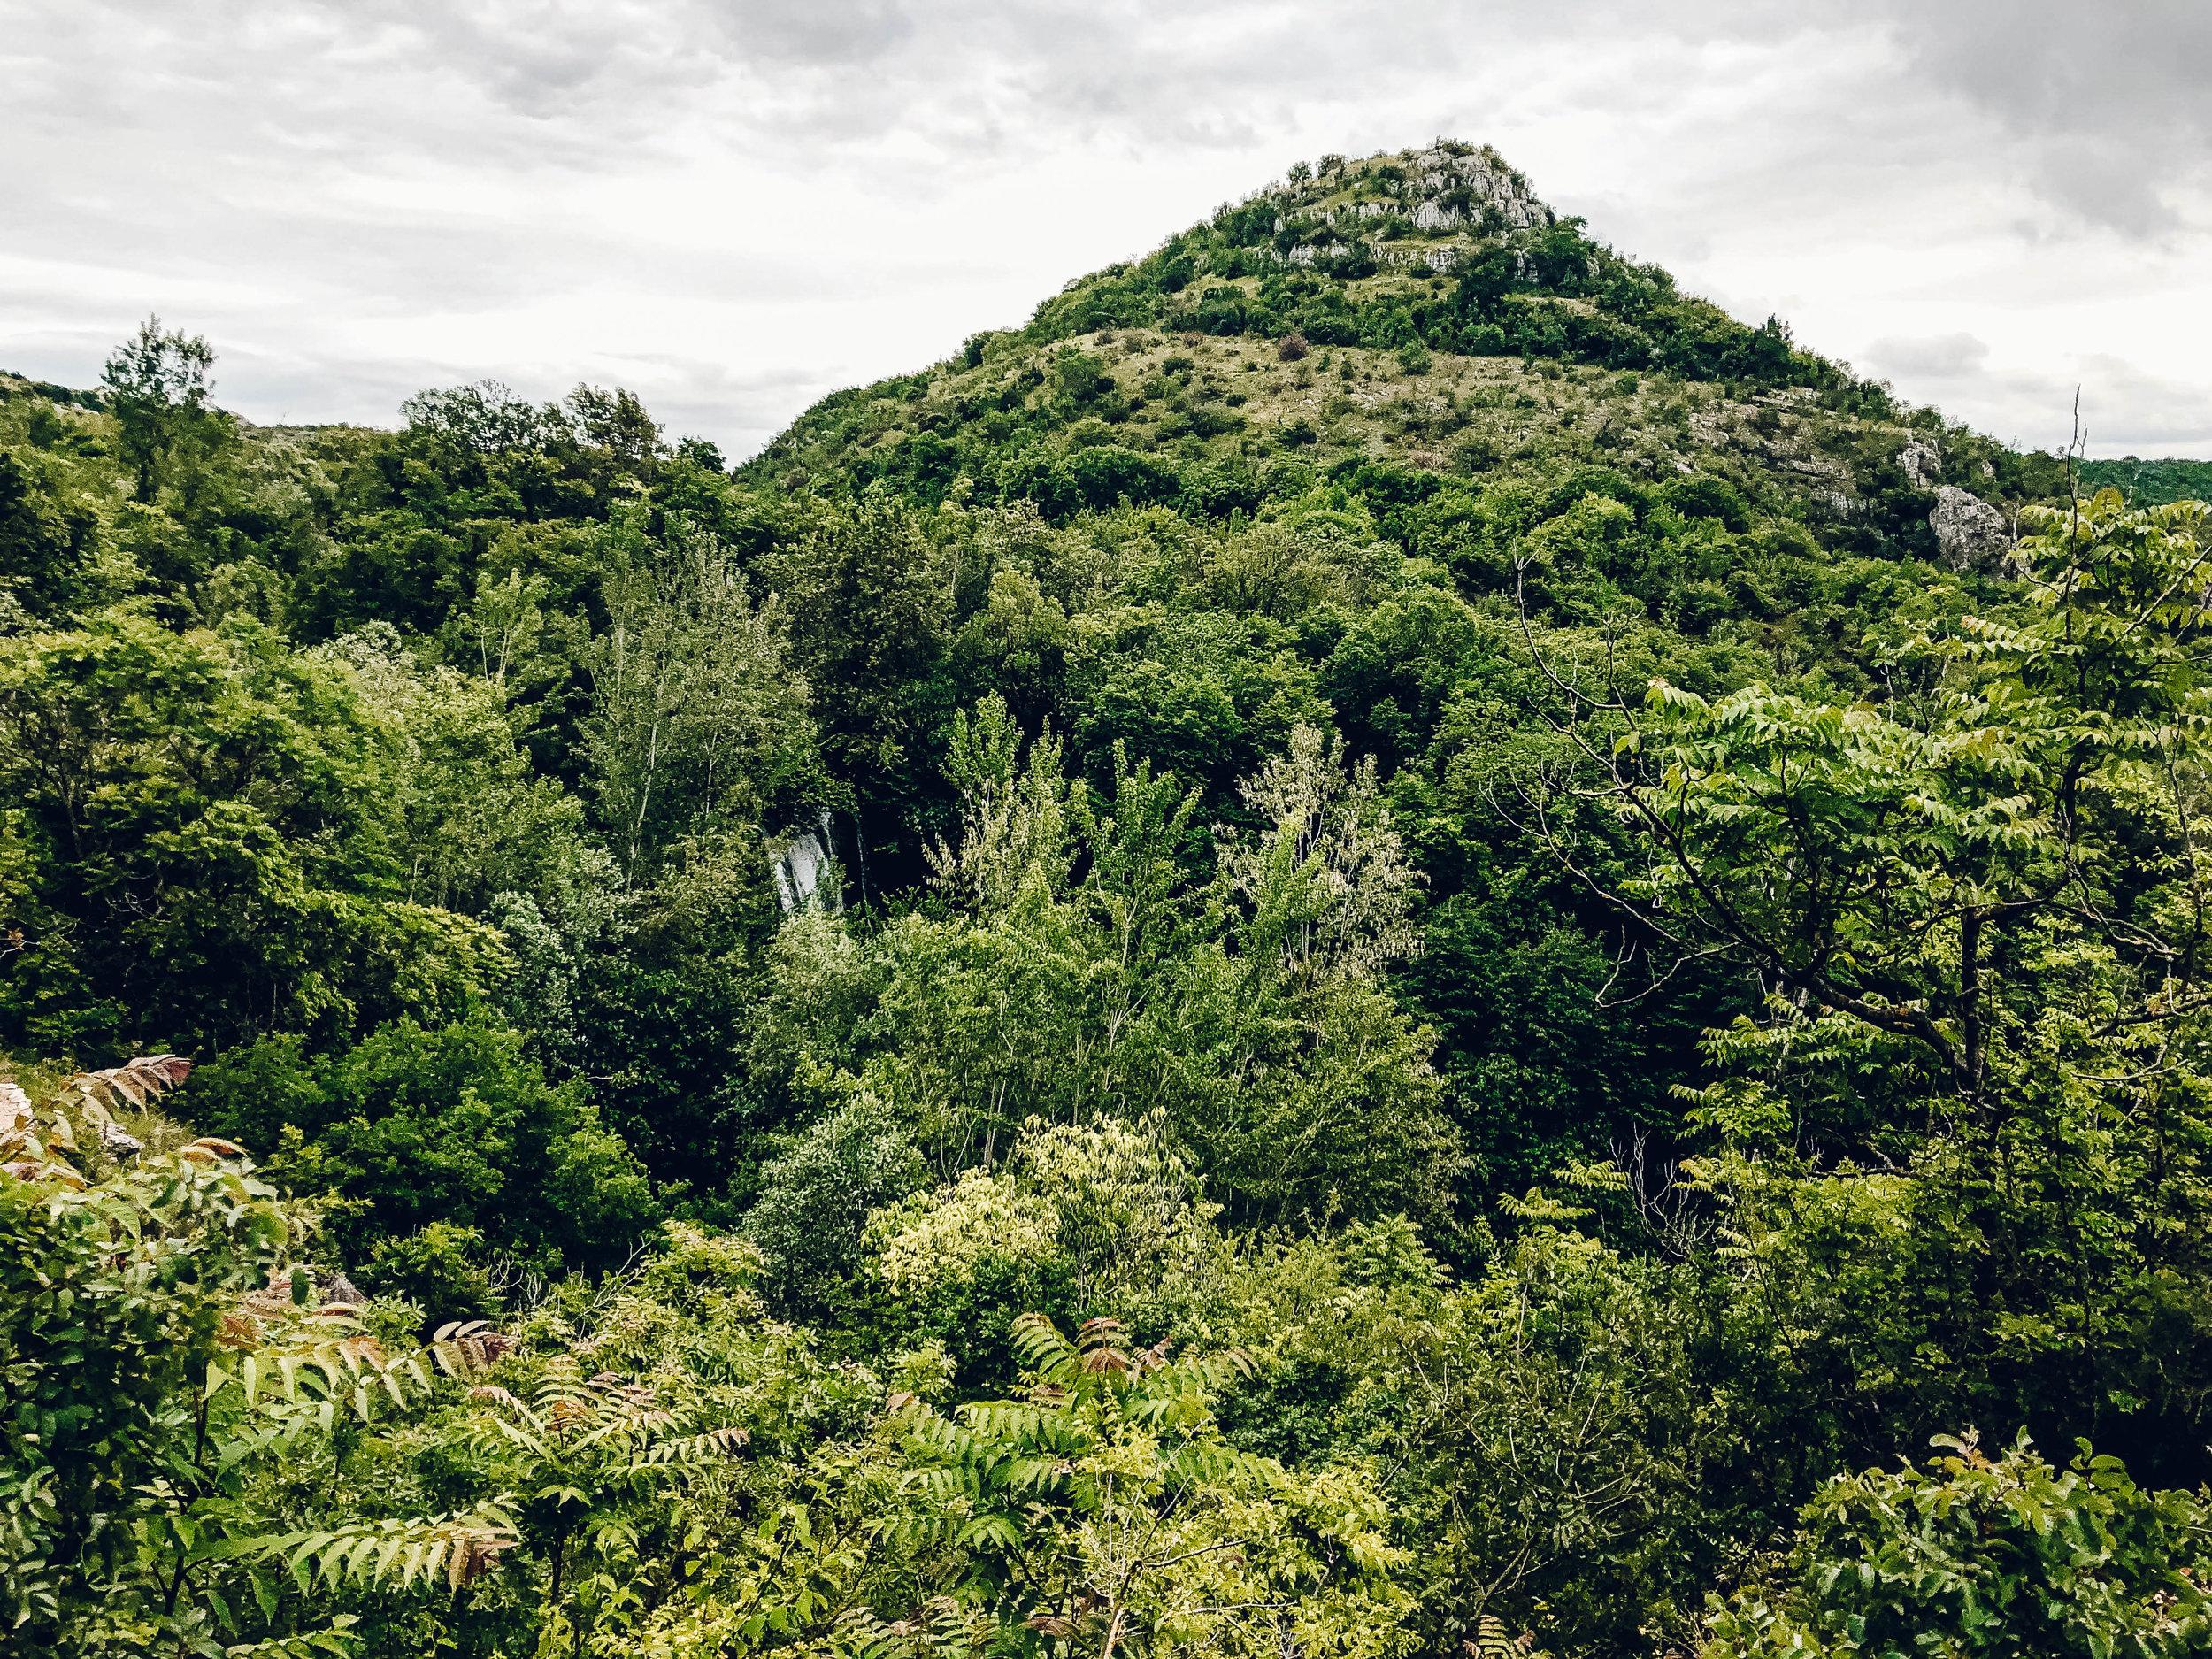 Manojlovacki slap at Krka National Park